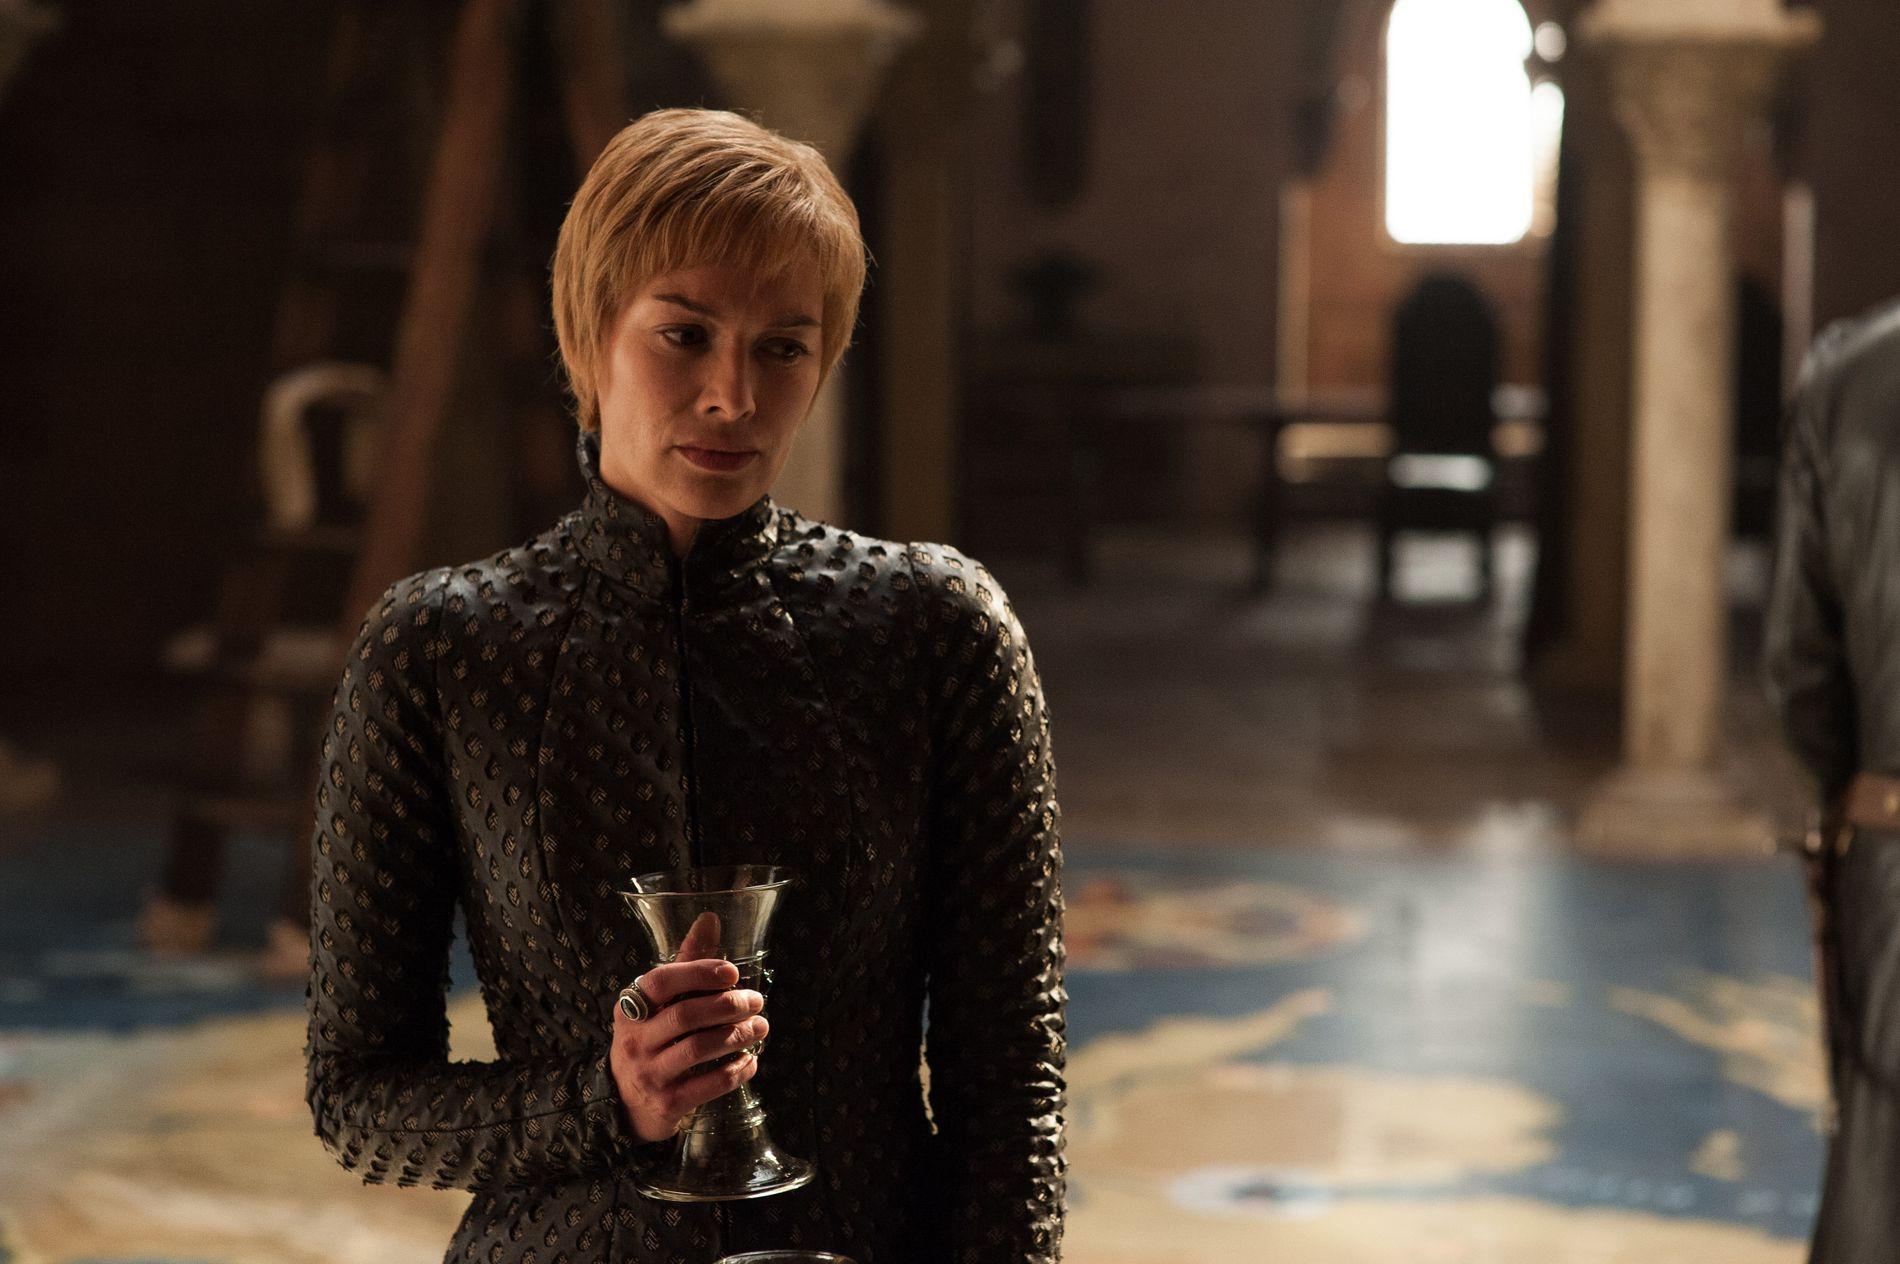 STYRER PÅ: Cersei Lannister (Lena Headey) er fremdeles overbevist om at hun er dronningen over alle konger i Westeros.